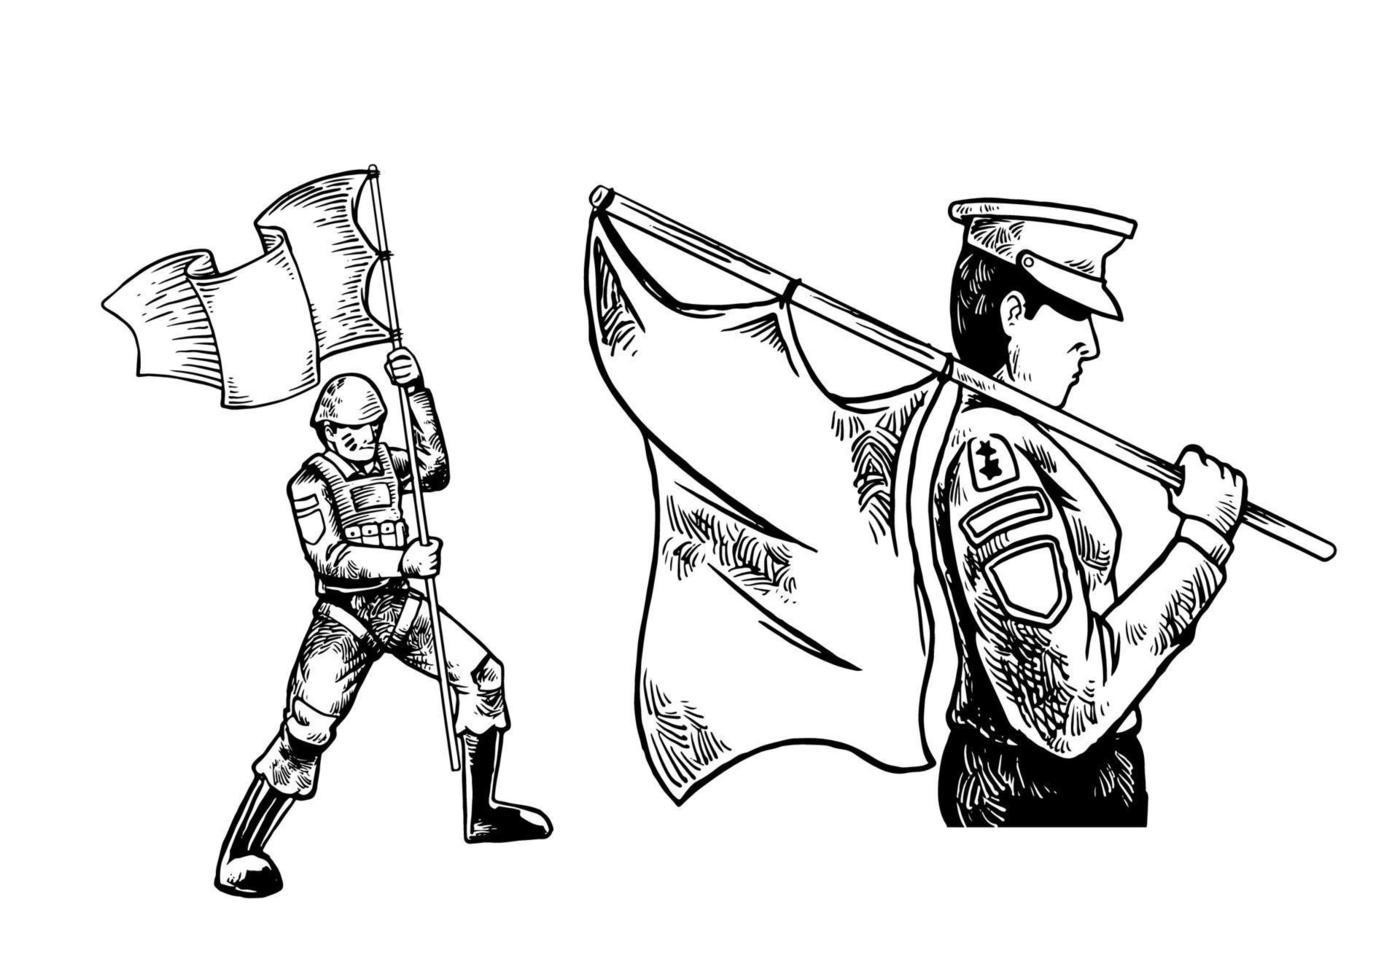 soldat dessiné à la main apportant l'illustration du drapeau isolé sur fond blanc. soldat monochrome apportant l'illustration du drapeau isolé sur fond blanc. vecteur